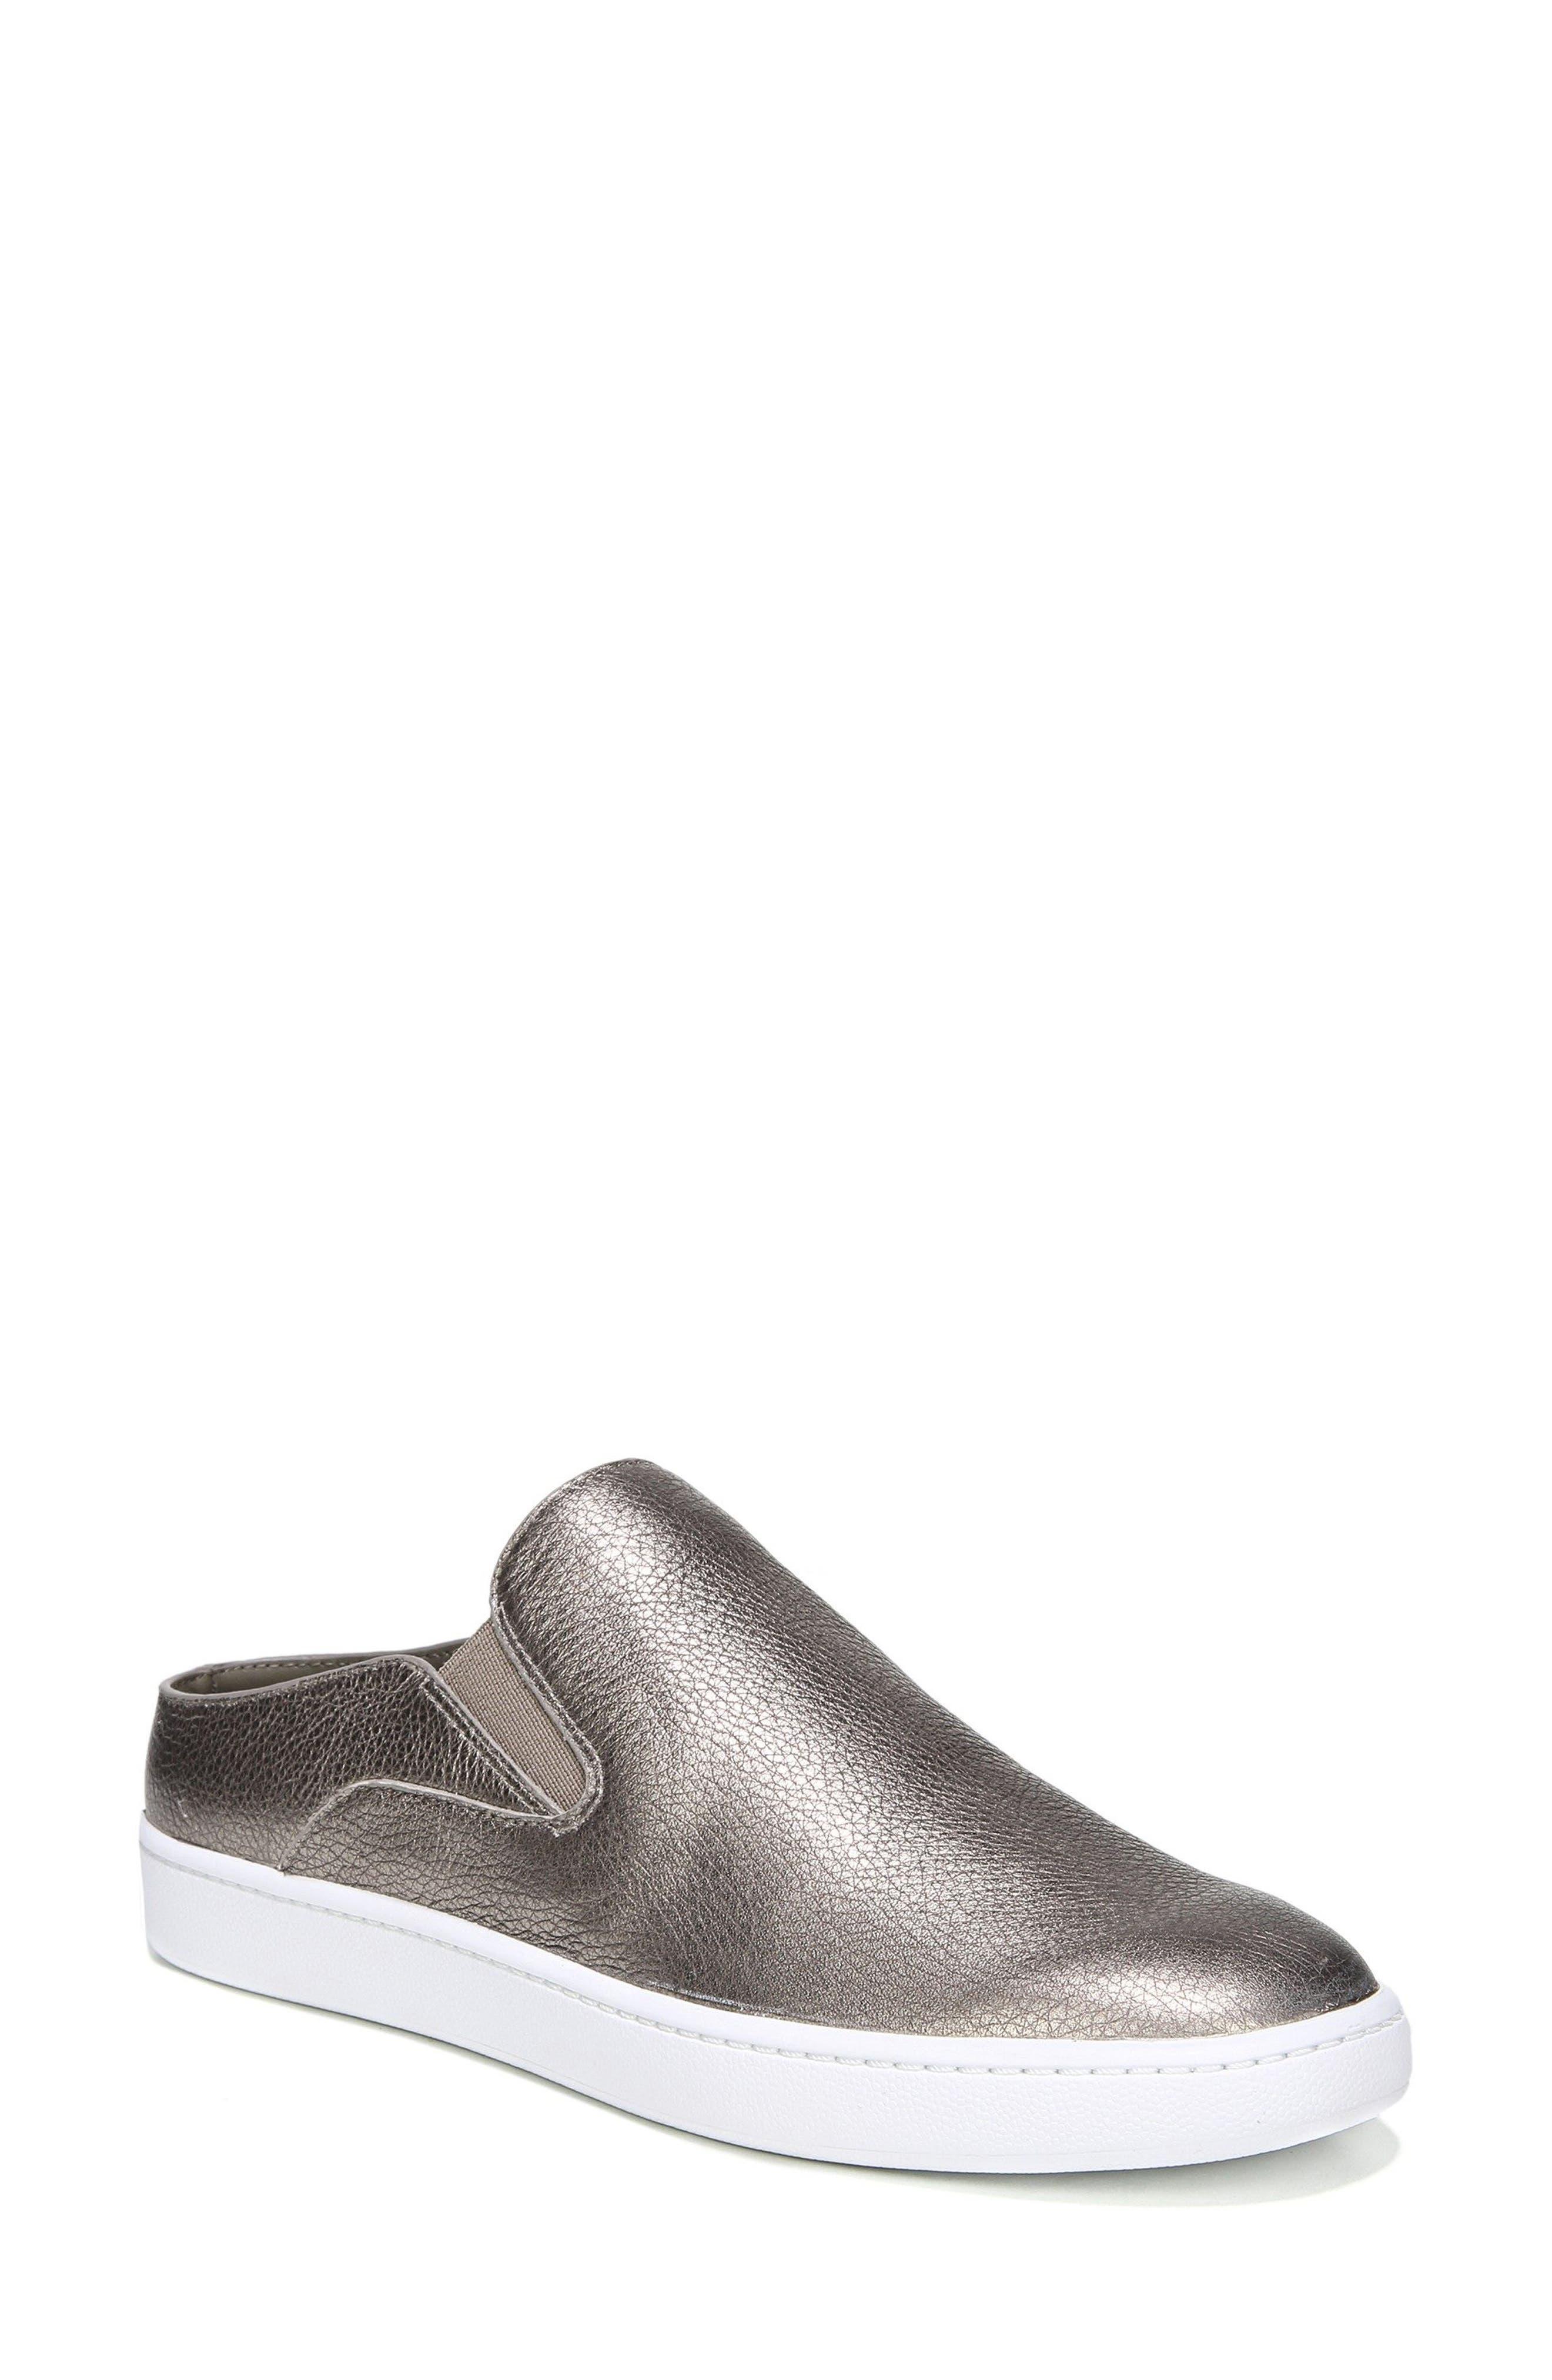 Verrell Slip-On Sneaker,                             Main thumbnail 4, color,